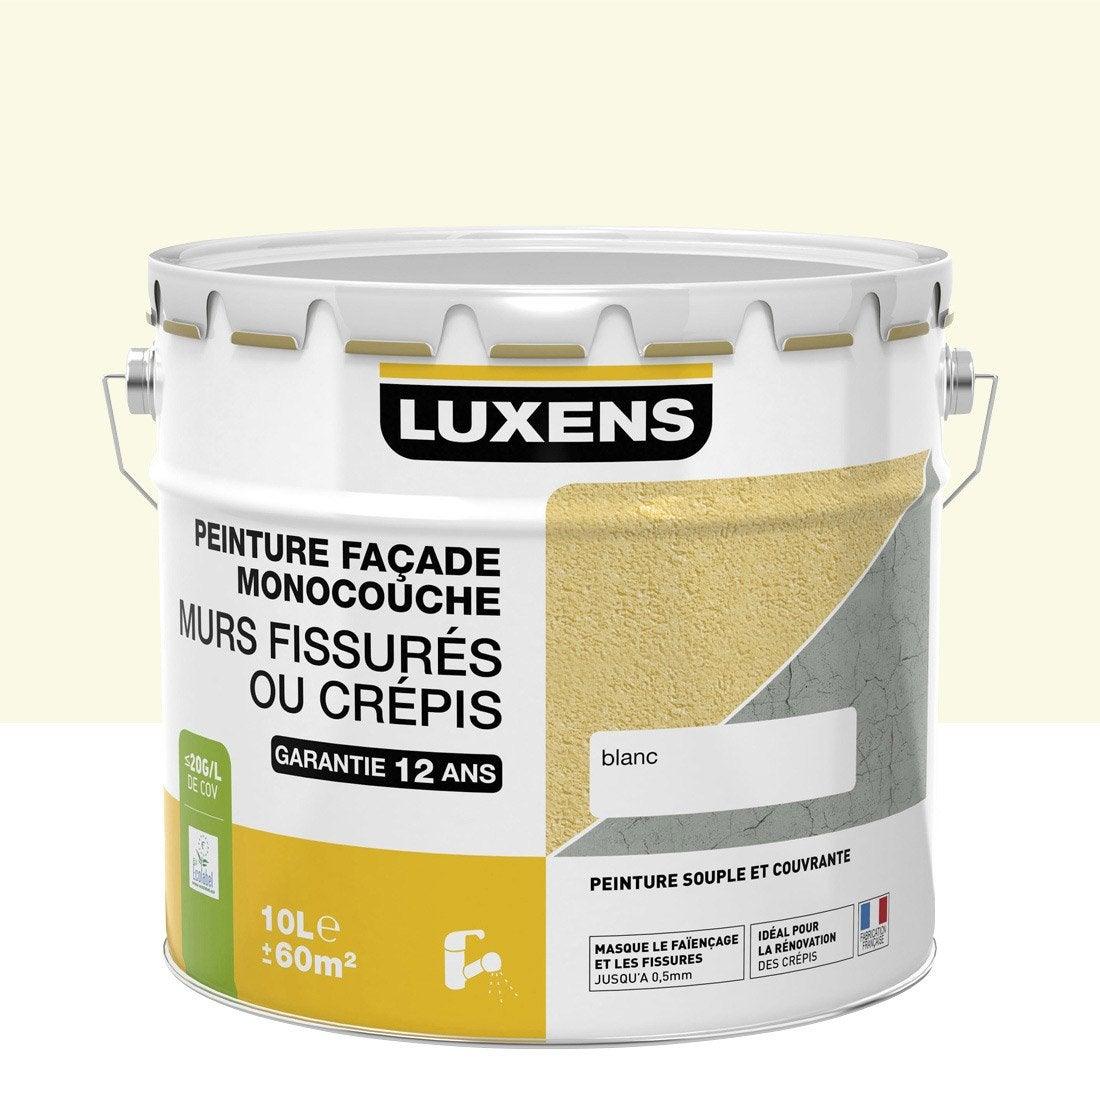 Peinture Façade Murs Fissurés LUXENS, Meulière, 10 L